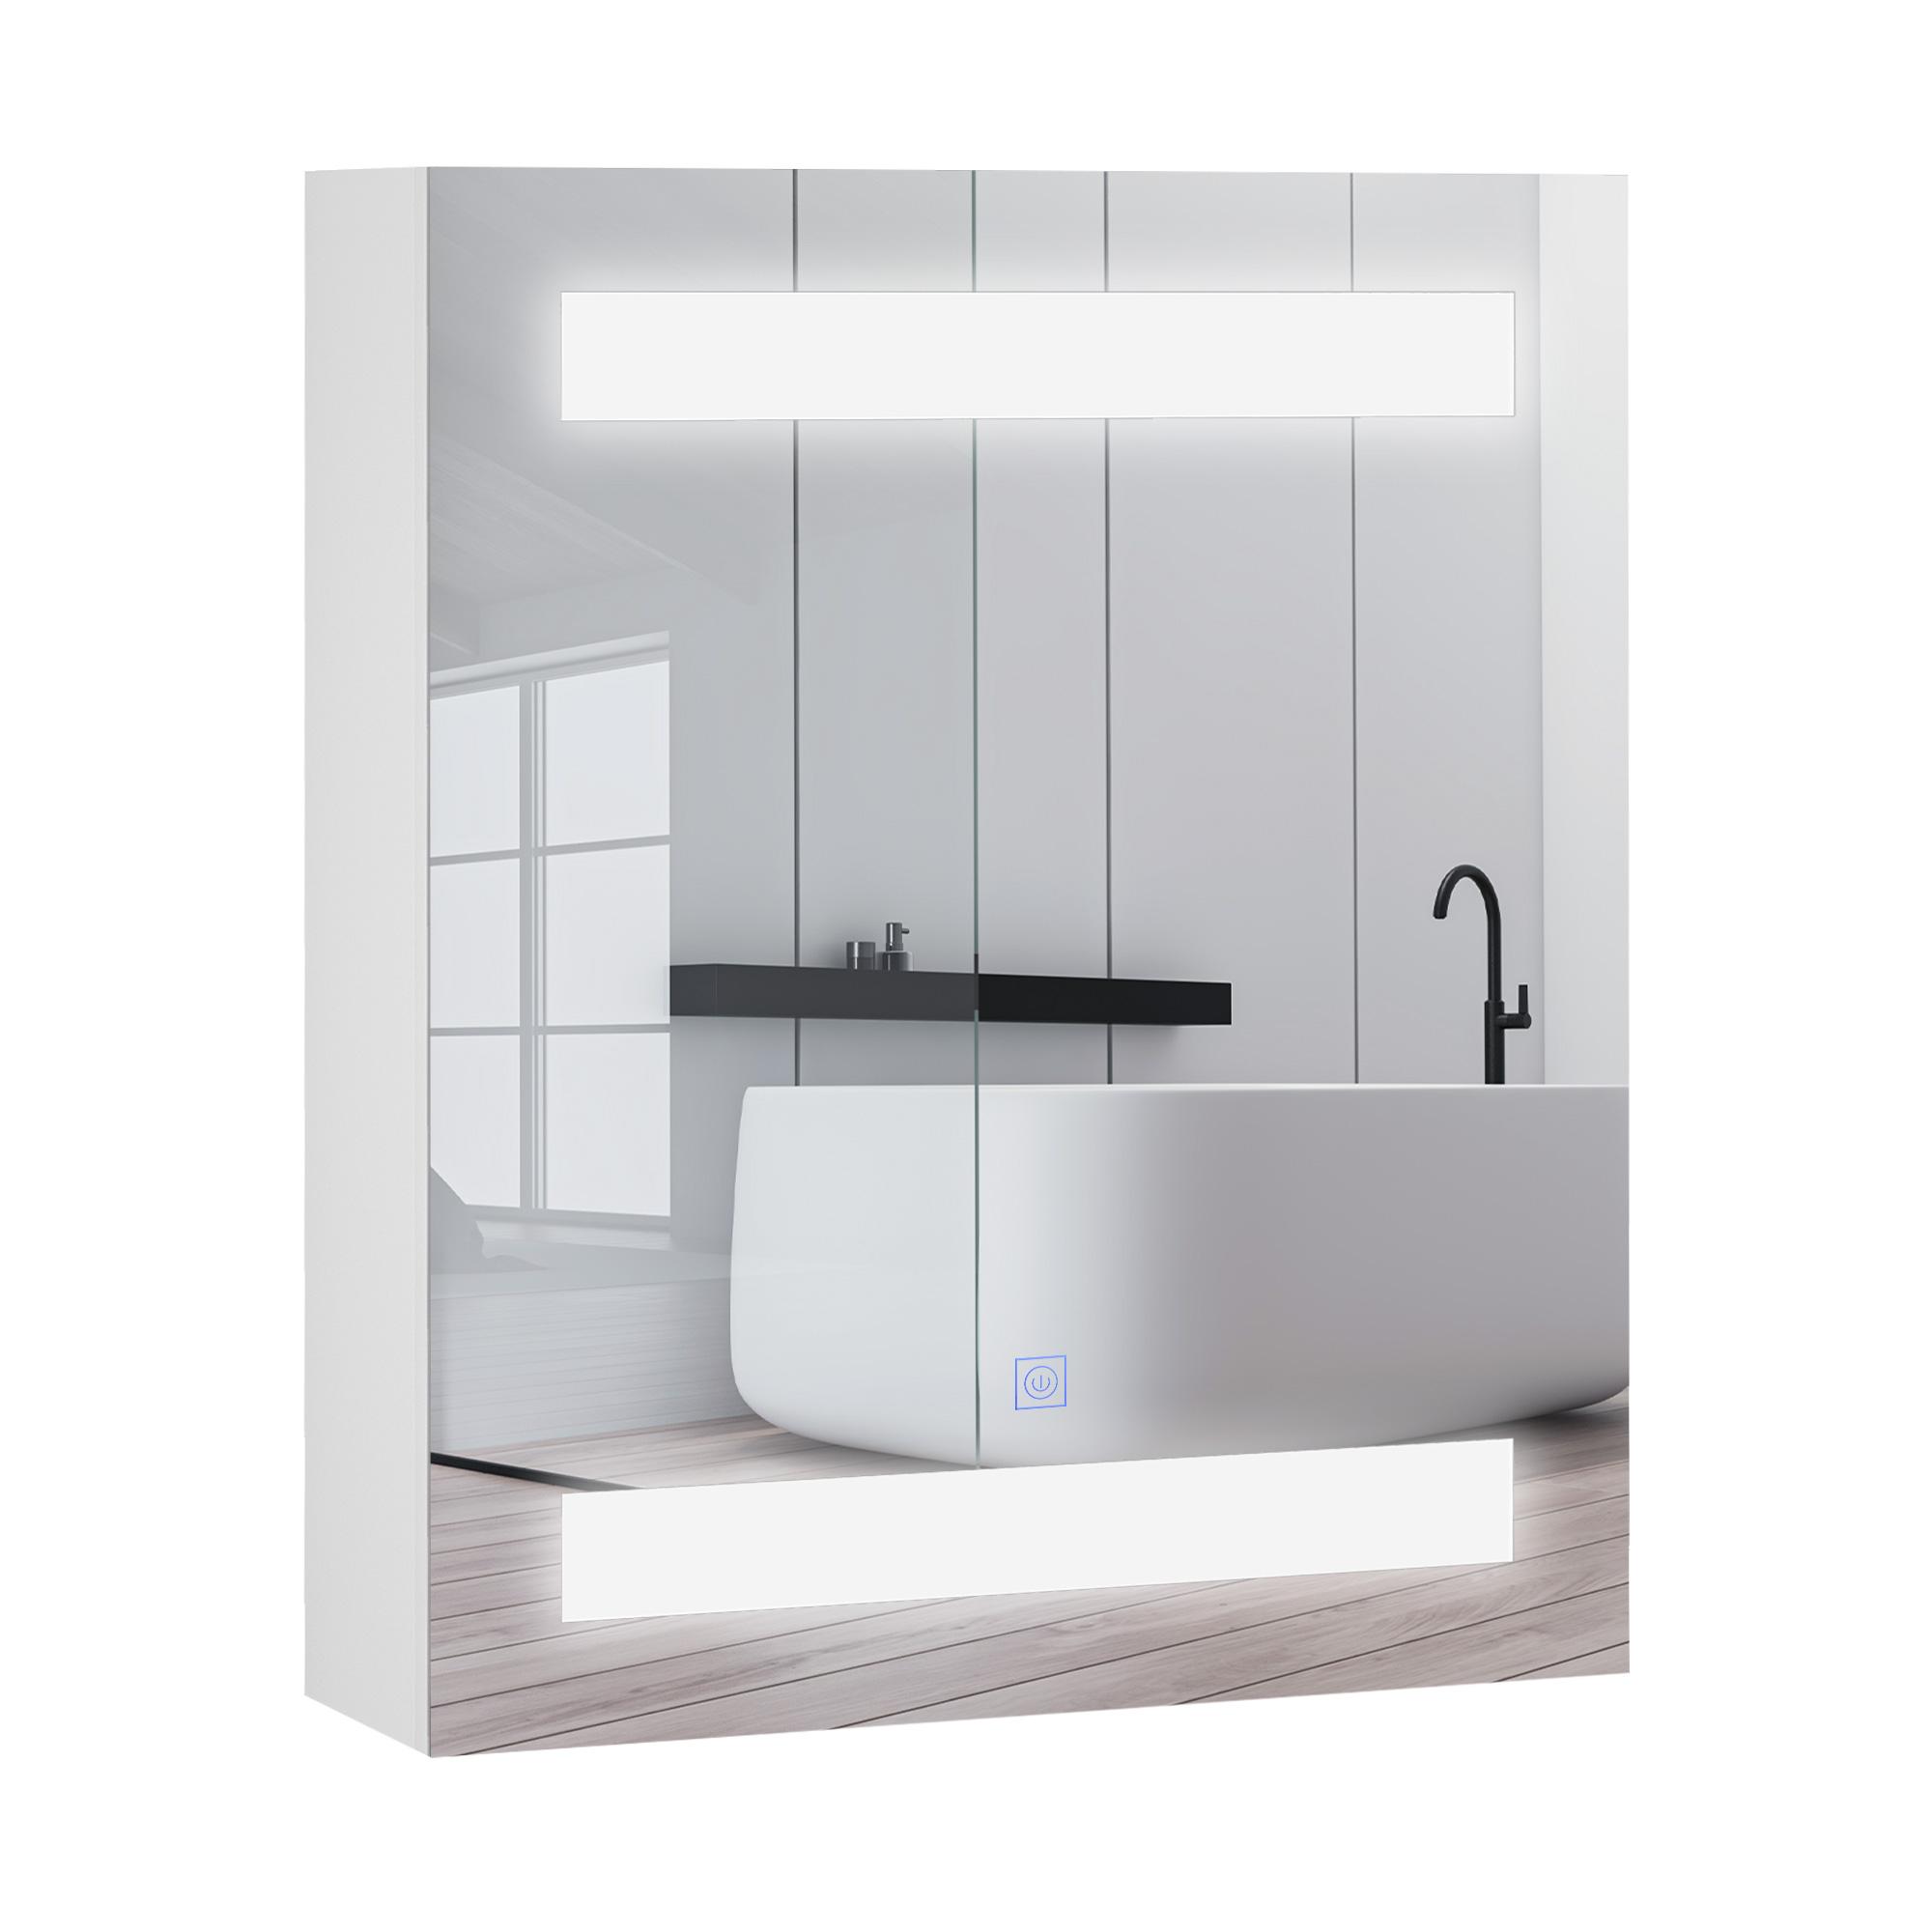 Homcom Armadietto Pensile da Bagno con 1 Anta Specchio e Luci a LED 60 x 50 x 15cm